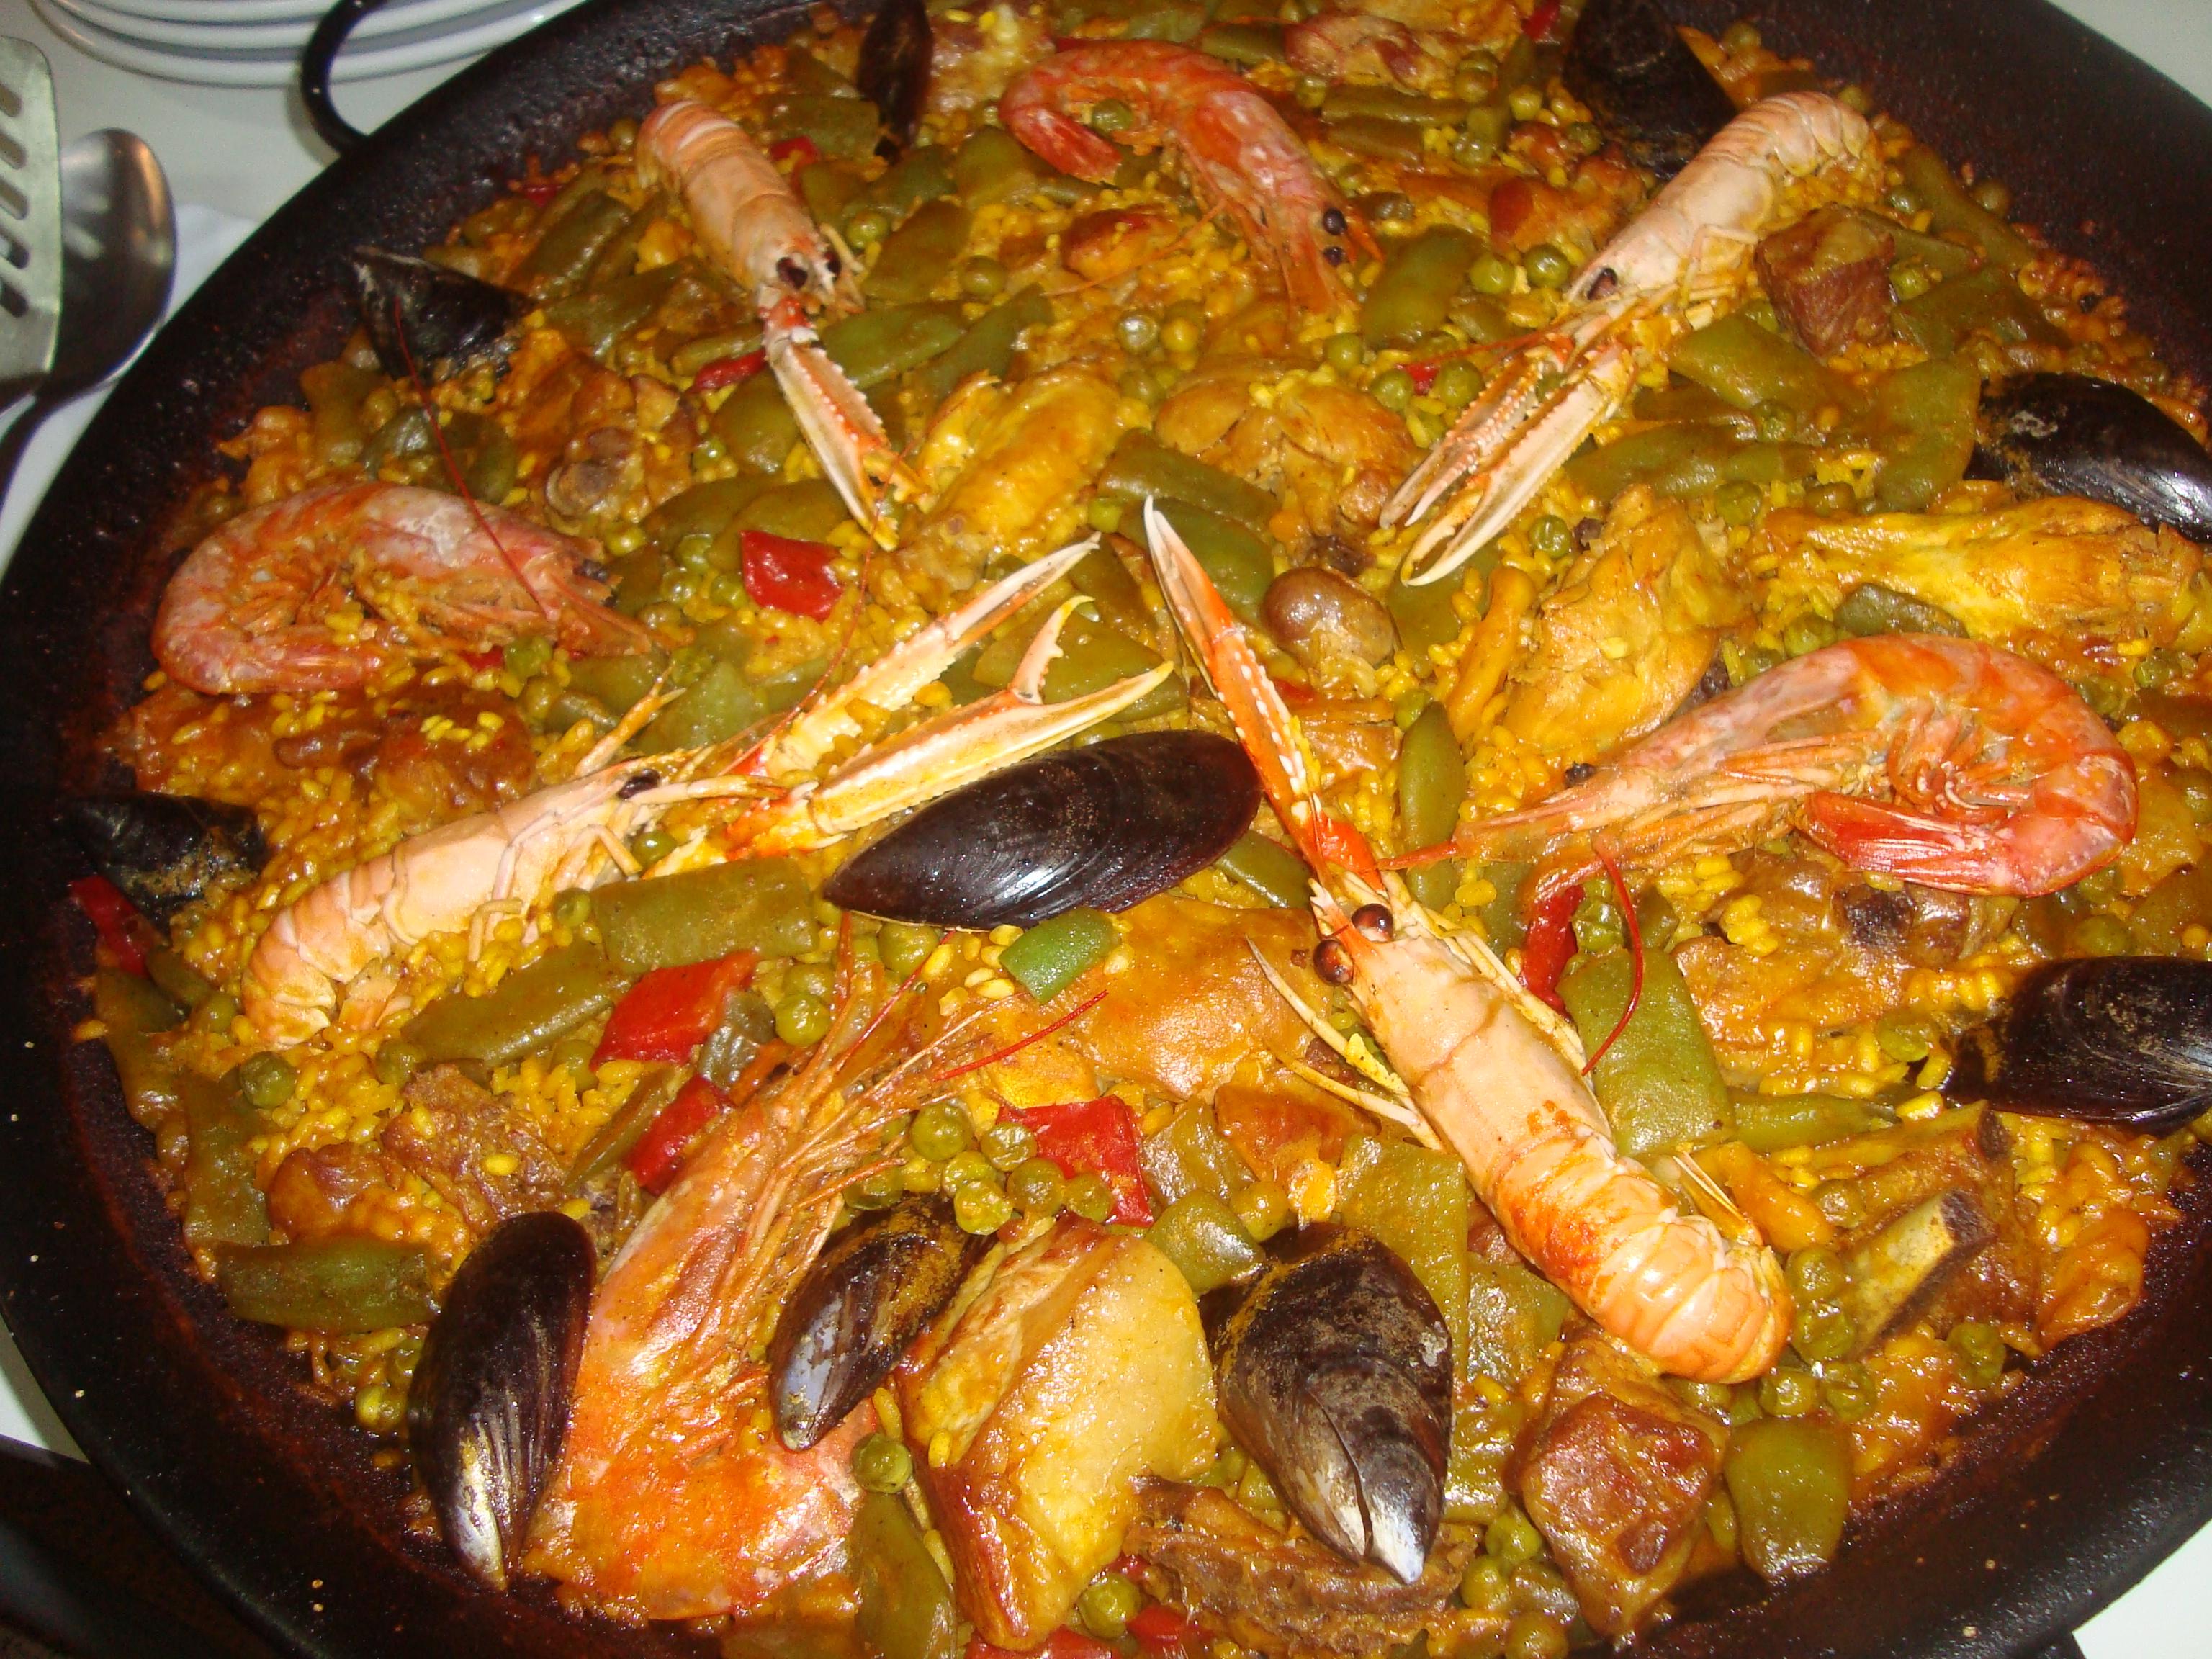 20 сентября Испания отмечает Всемирный день паэльи